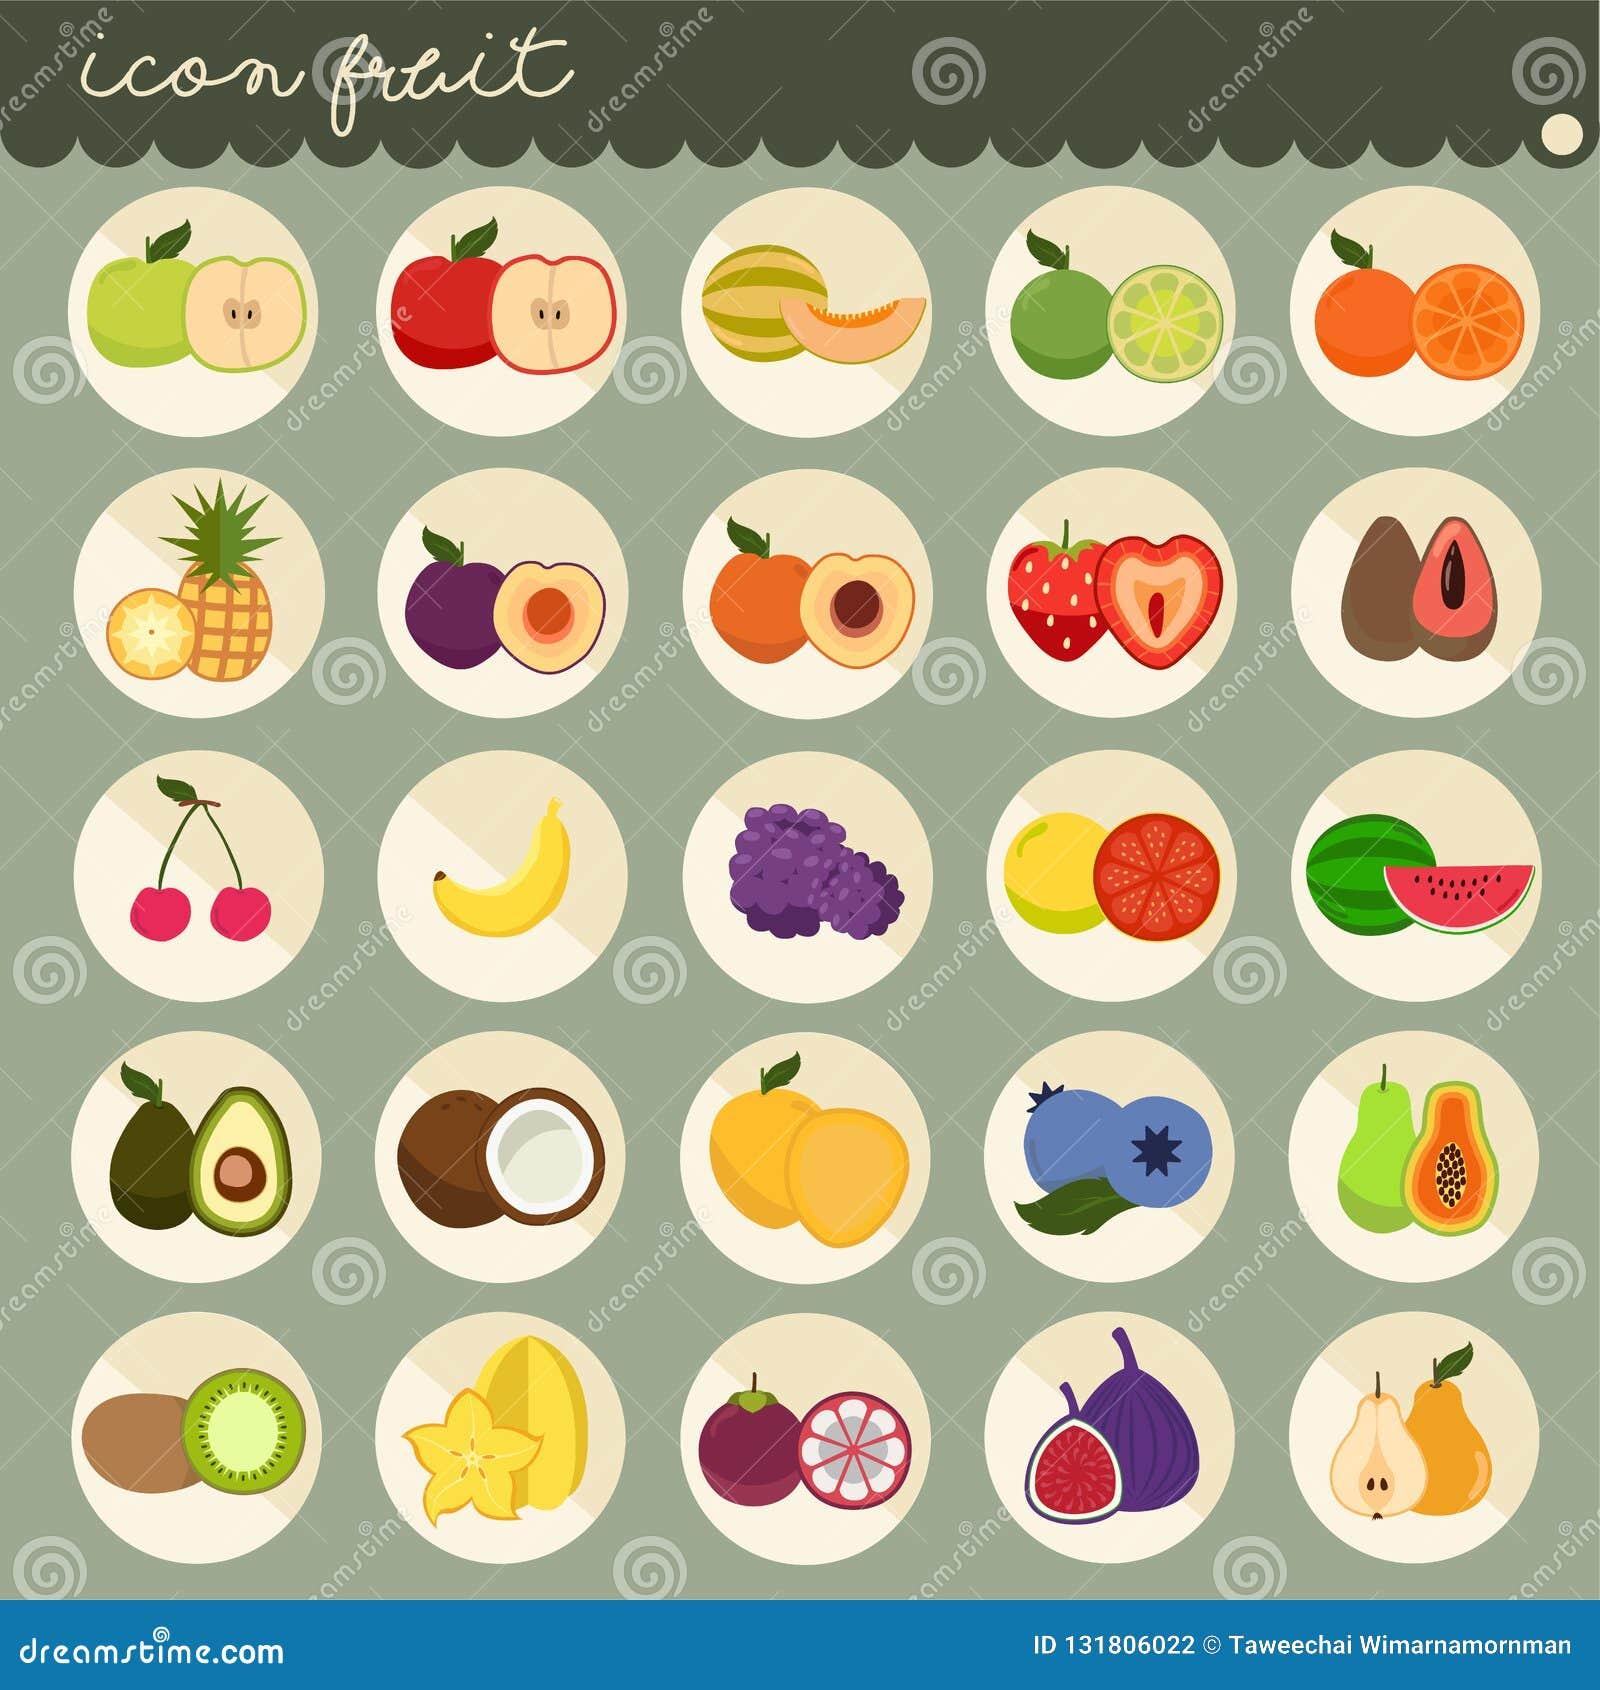 25 установленный основной плоский дизайн, цвета собраний вектора плодов, установил плодов яблоко, банан, апельсин, виноградины, в